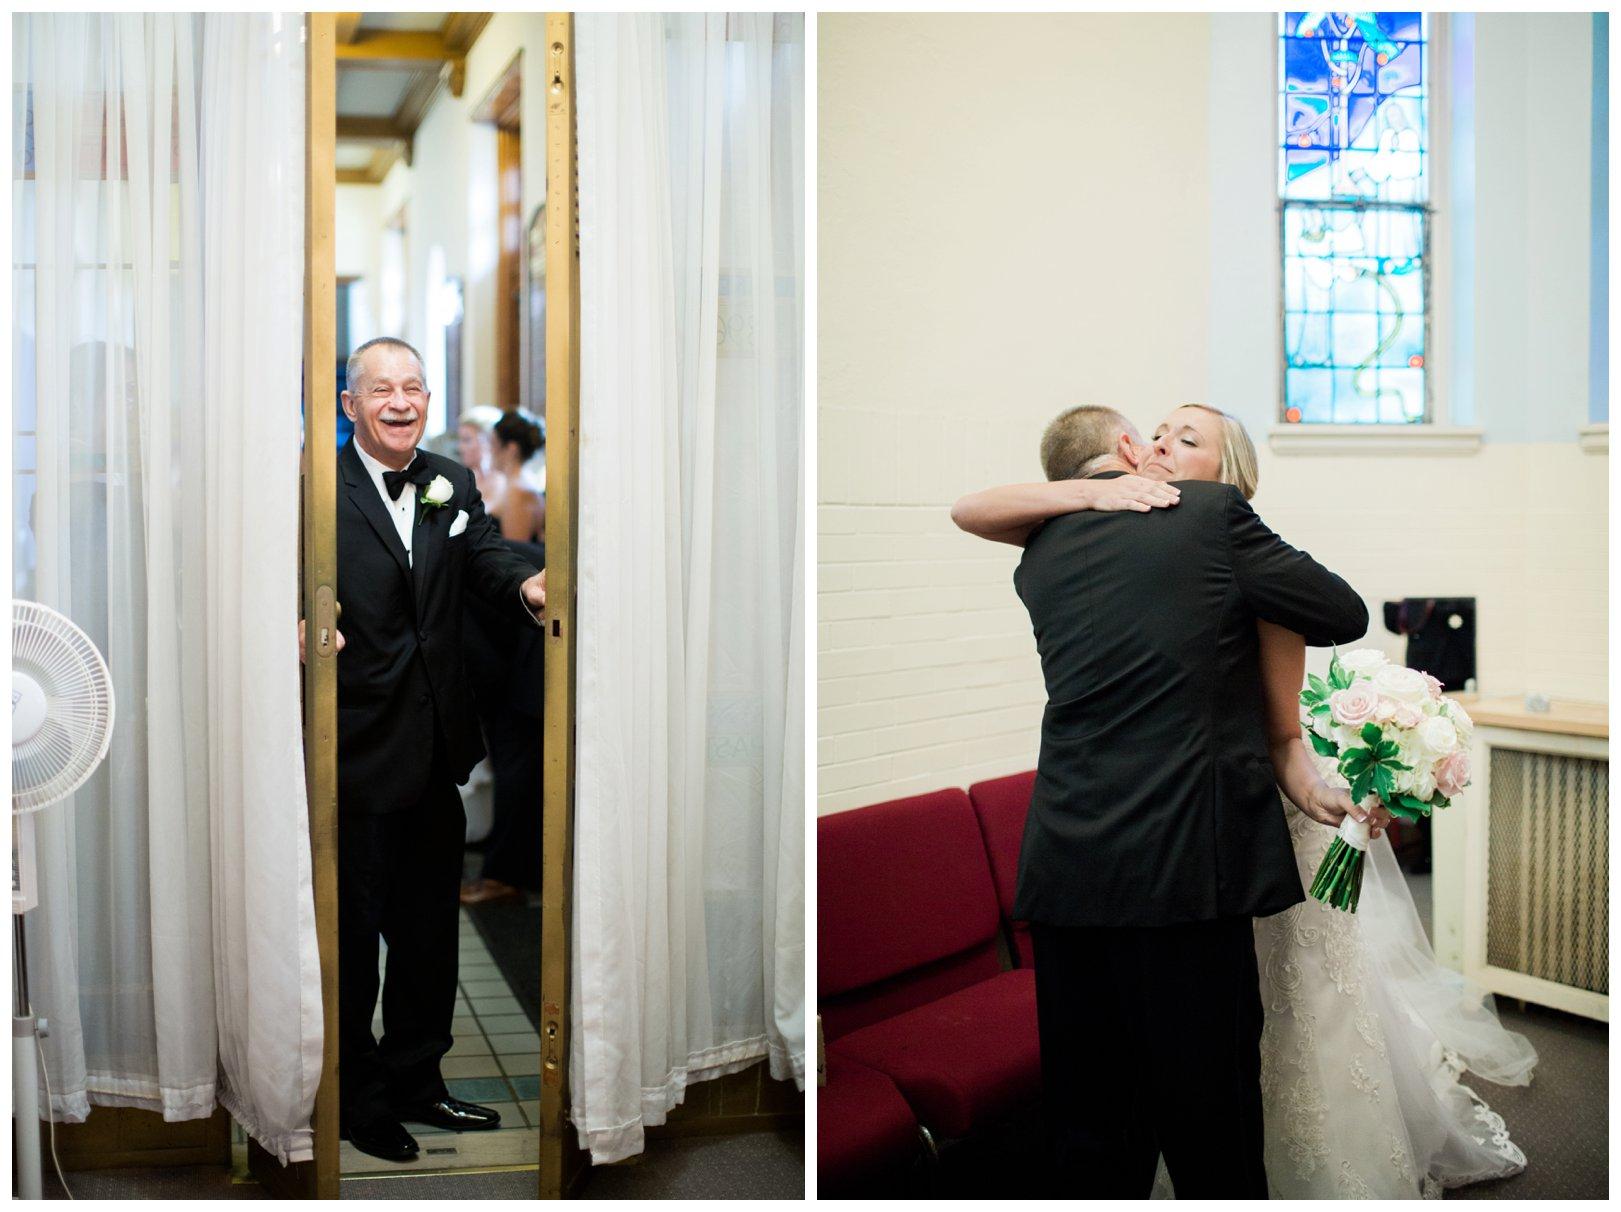 lauren muckler photography_fine art film wedding photography_st louis_photography_2136.jpg